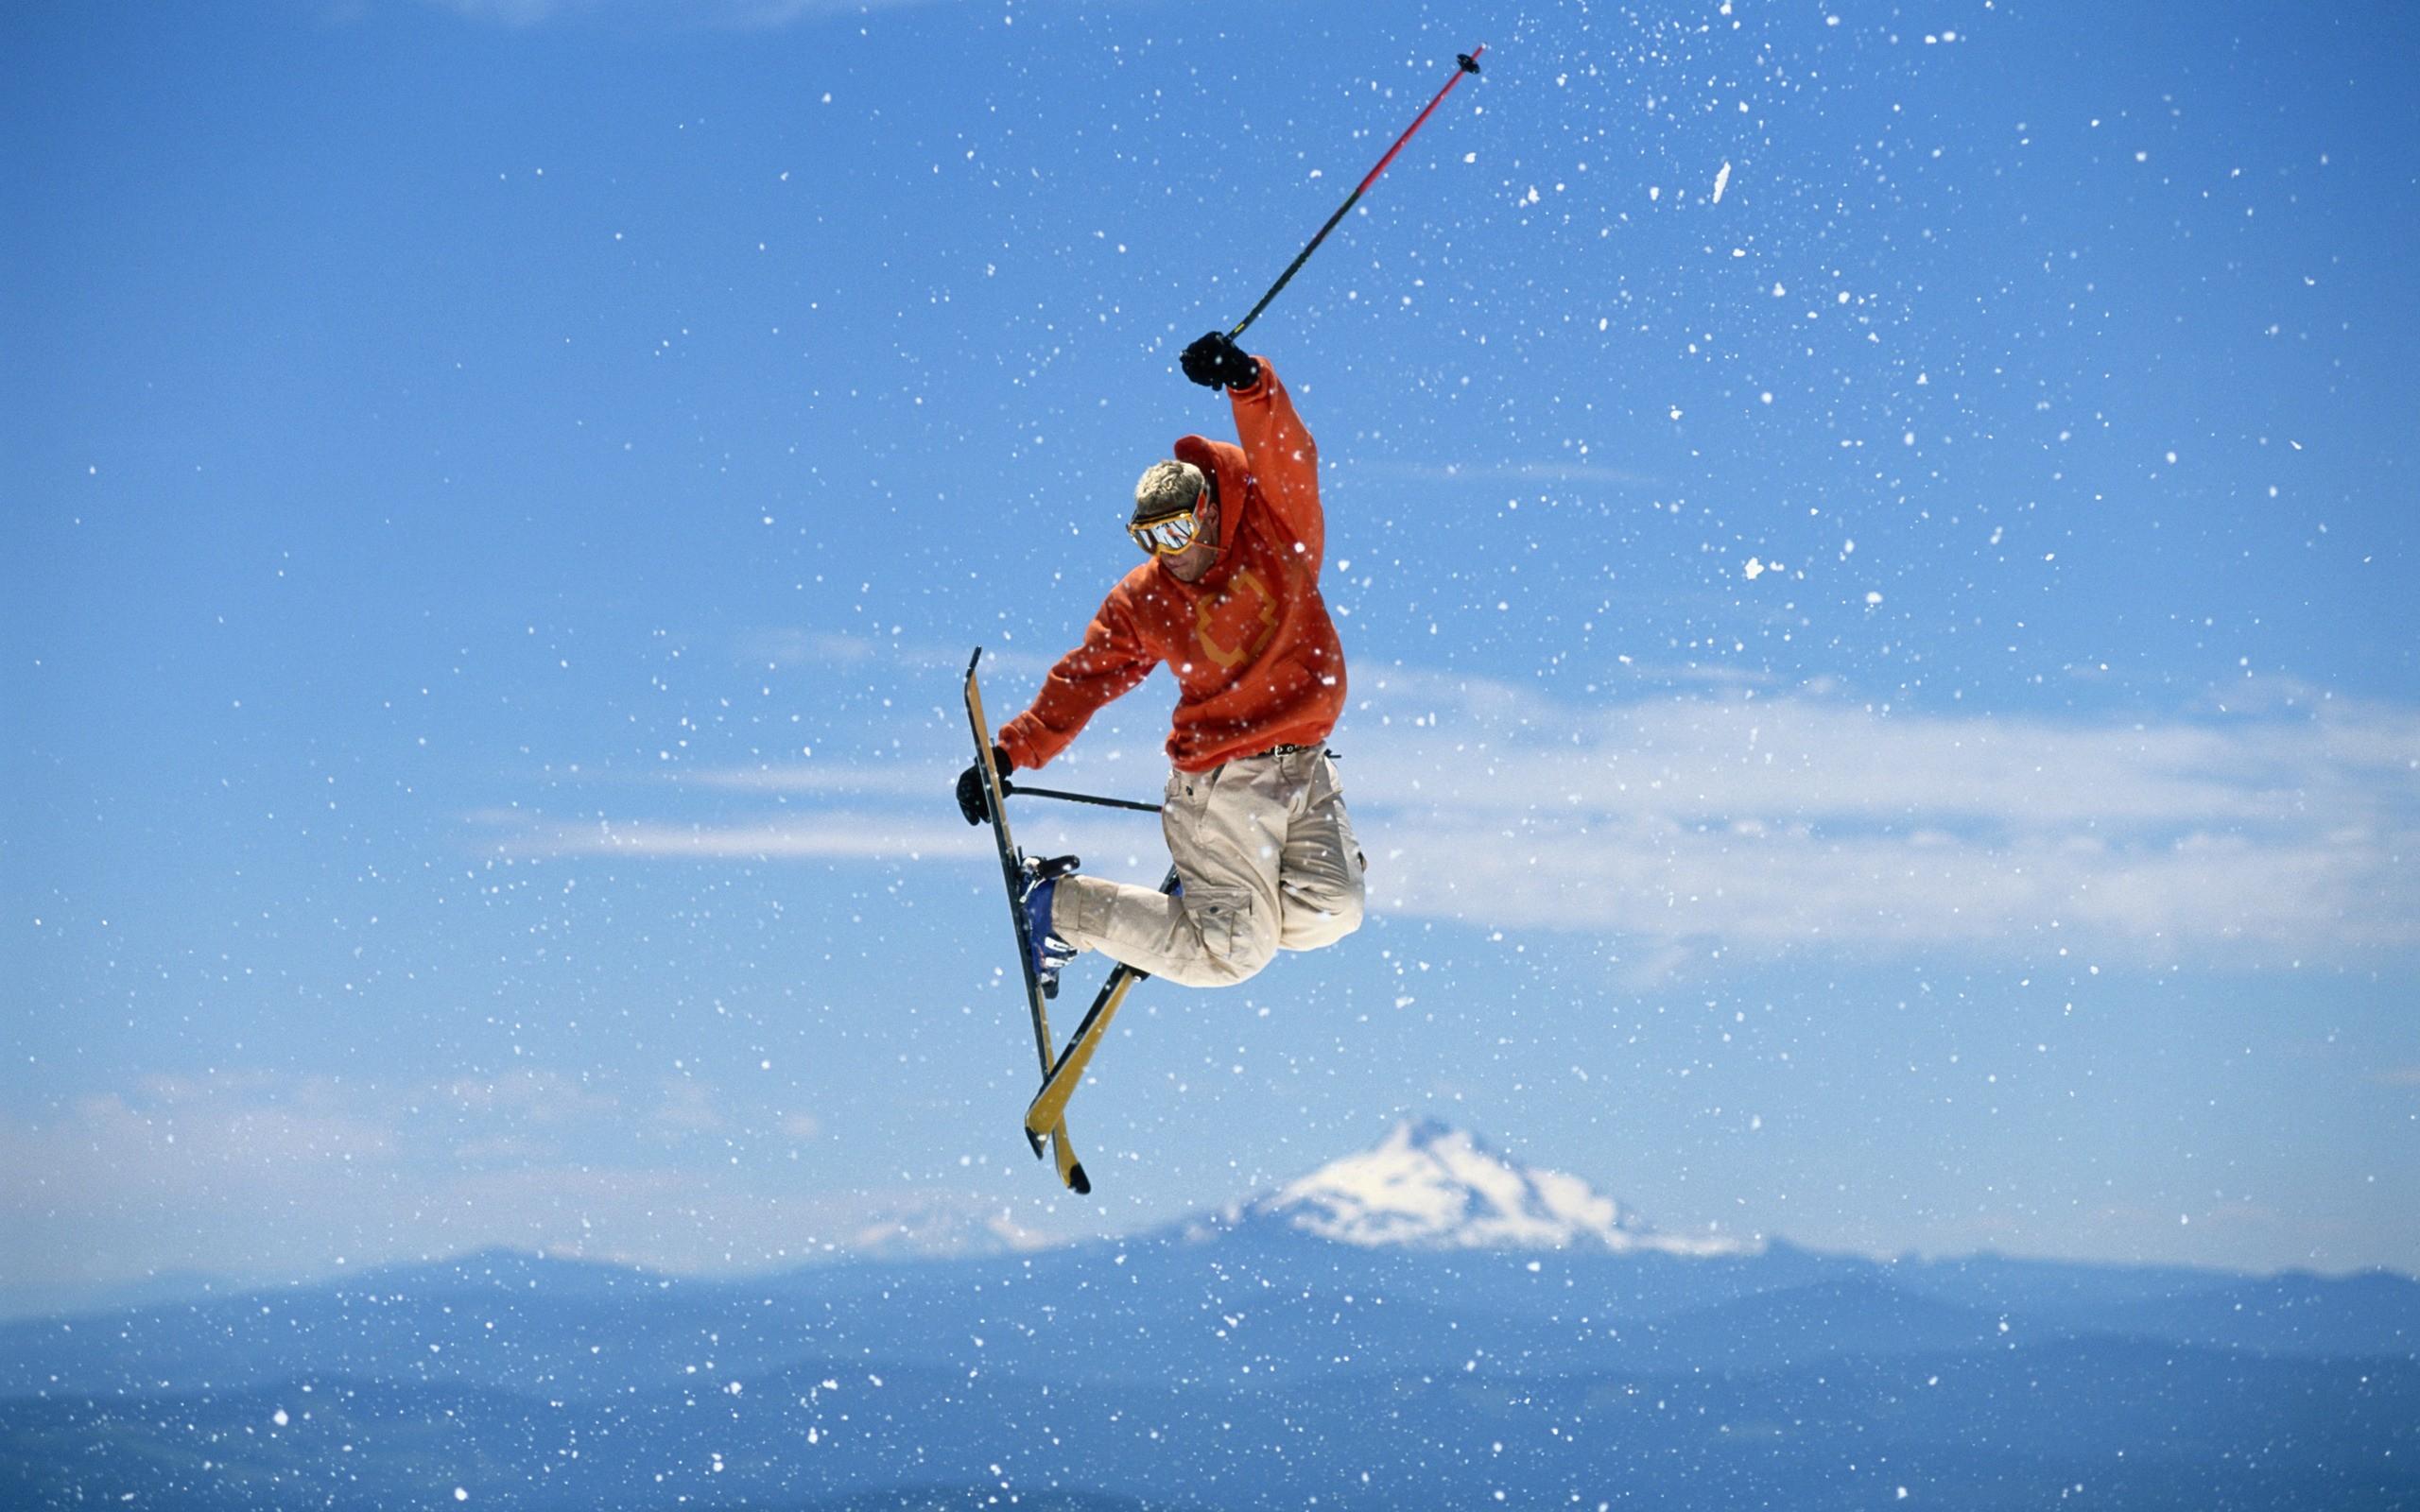 Gran salto en Ski - 2560x1600